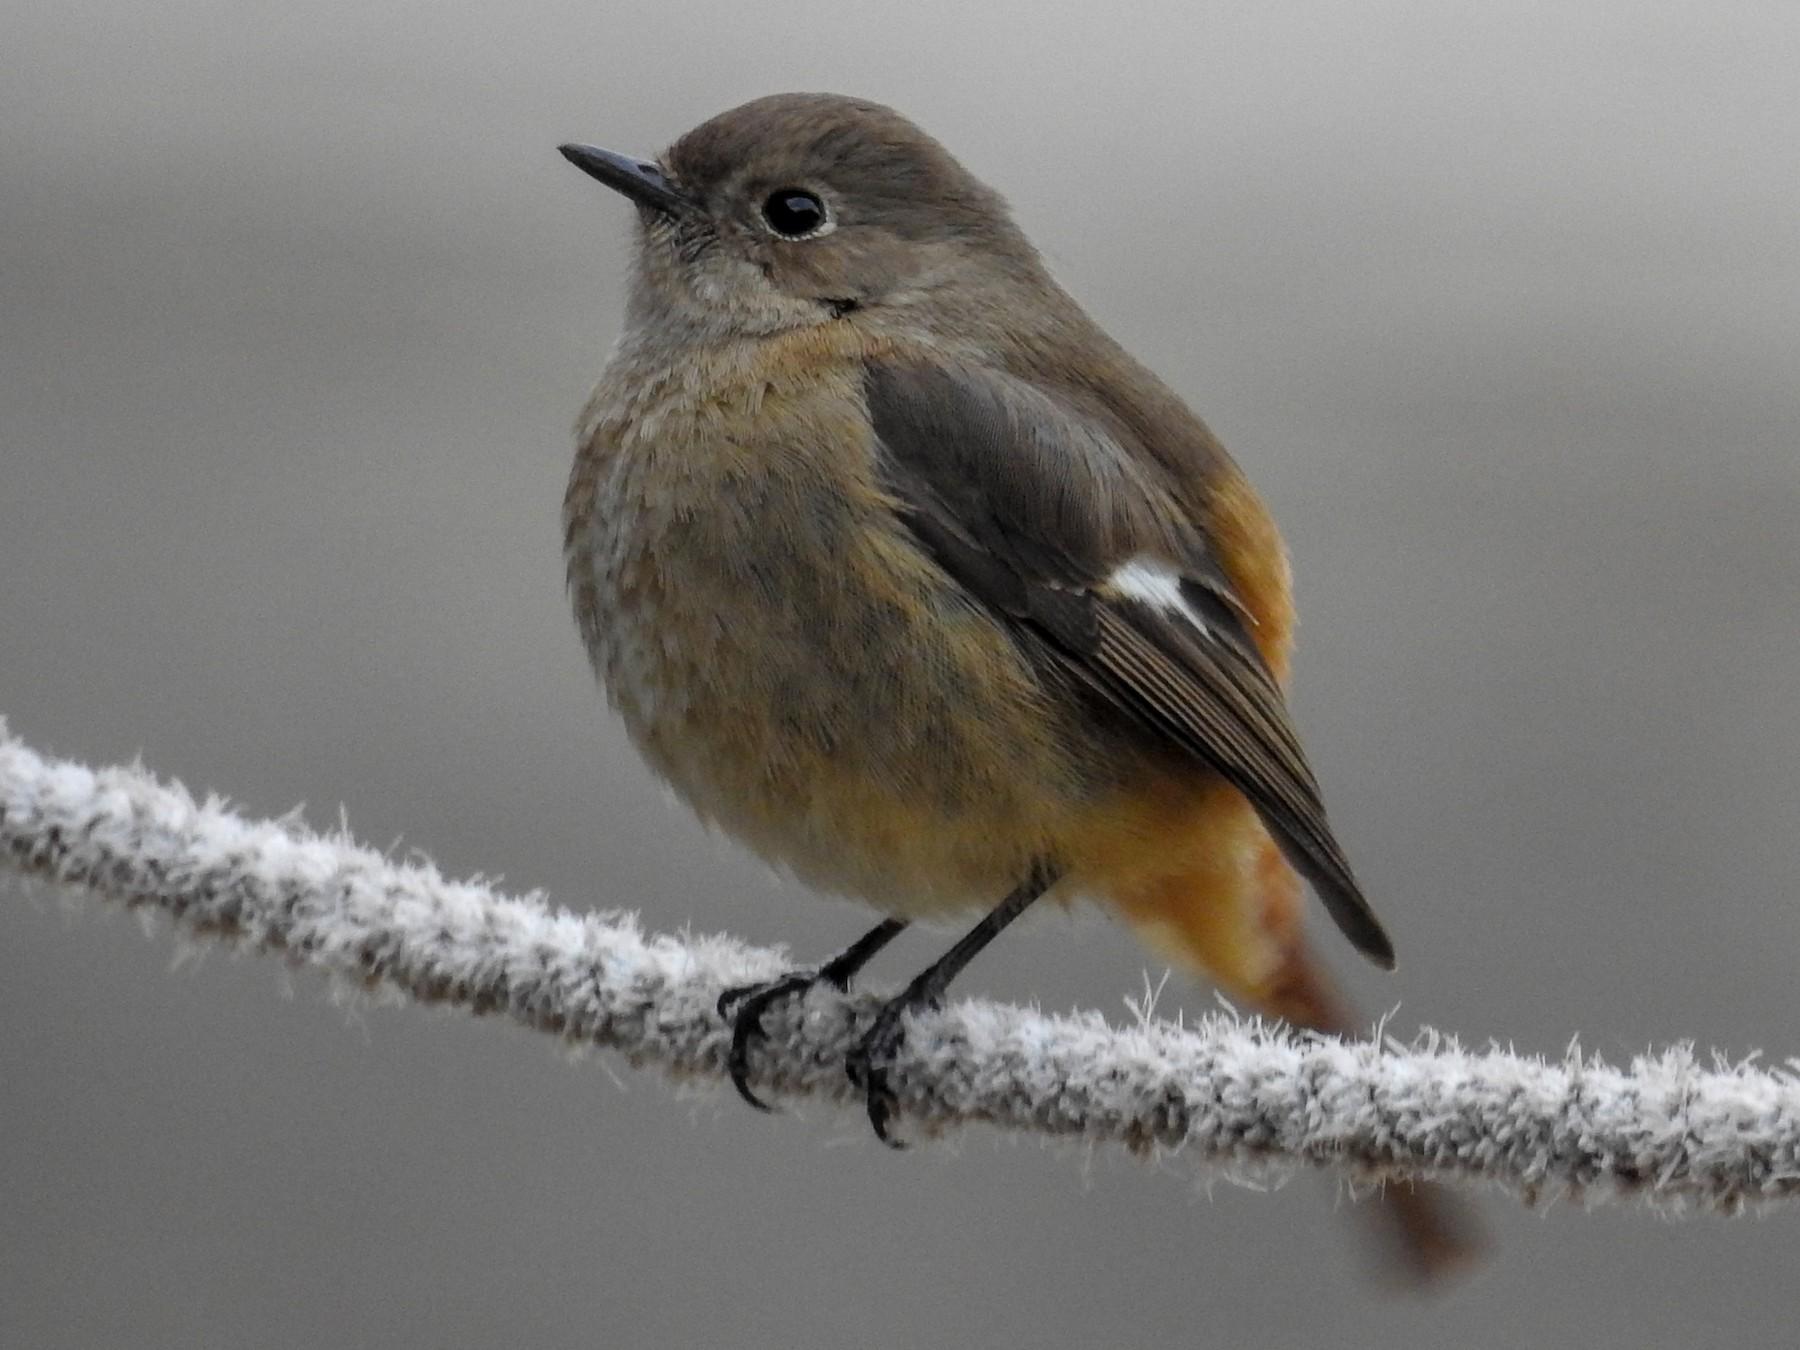 Daurian Redstart - Anonymous eBirder